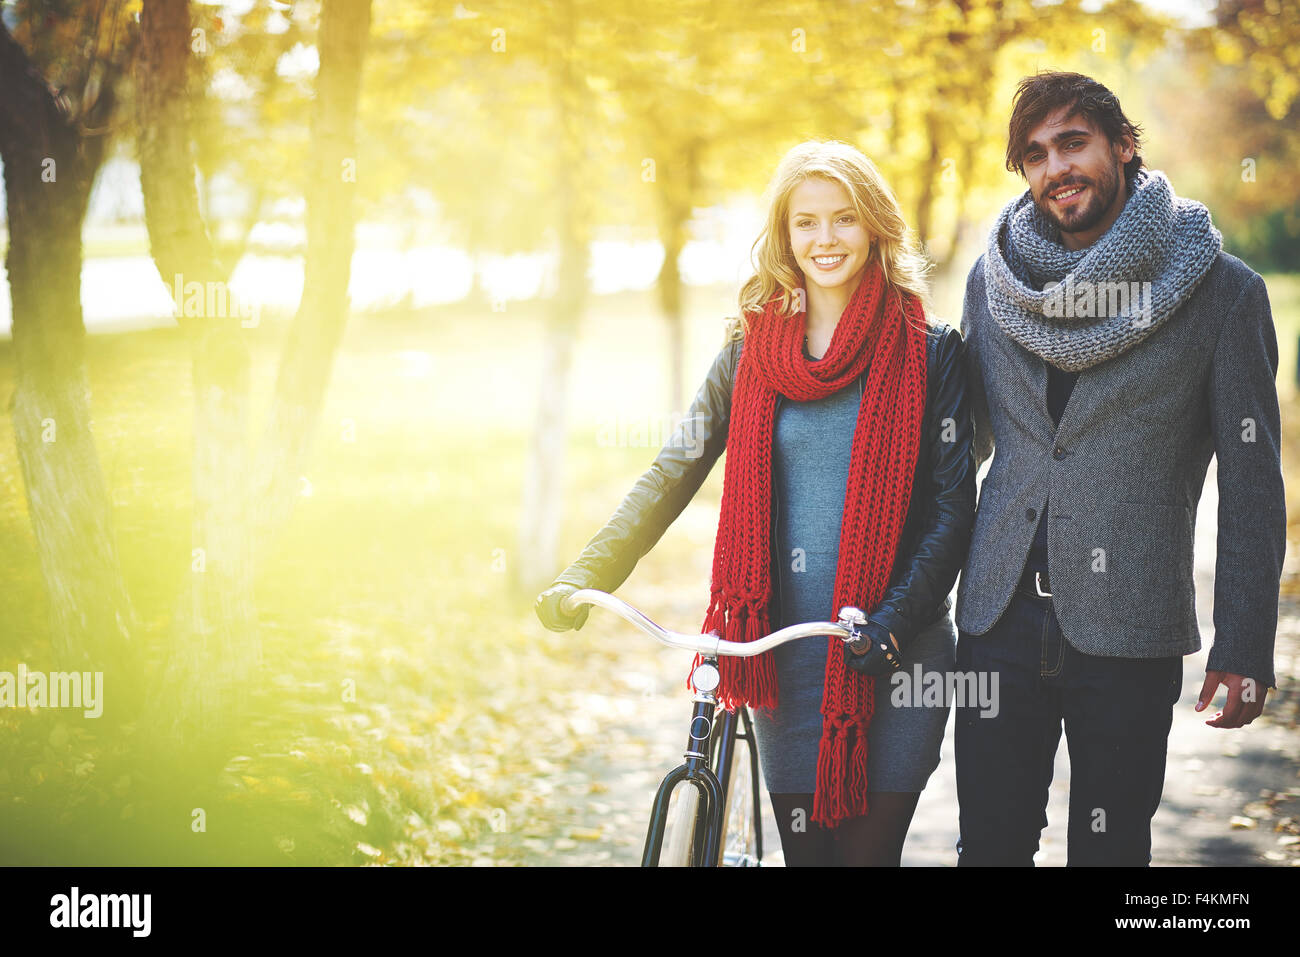 Pareja romántica con bicicleta pasar un fin de semana en el parque de otoño Imagen De Stock